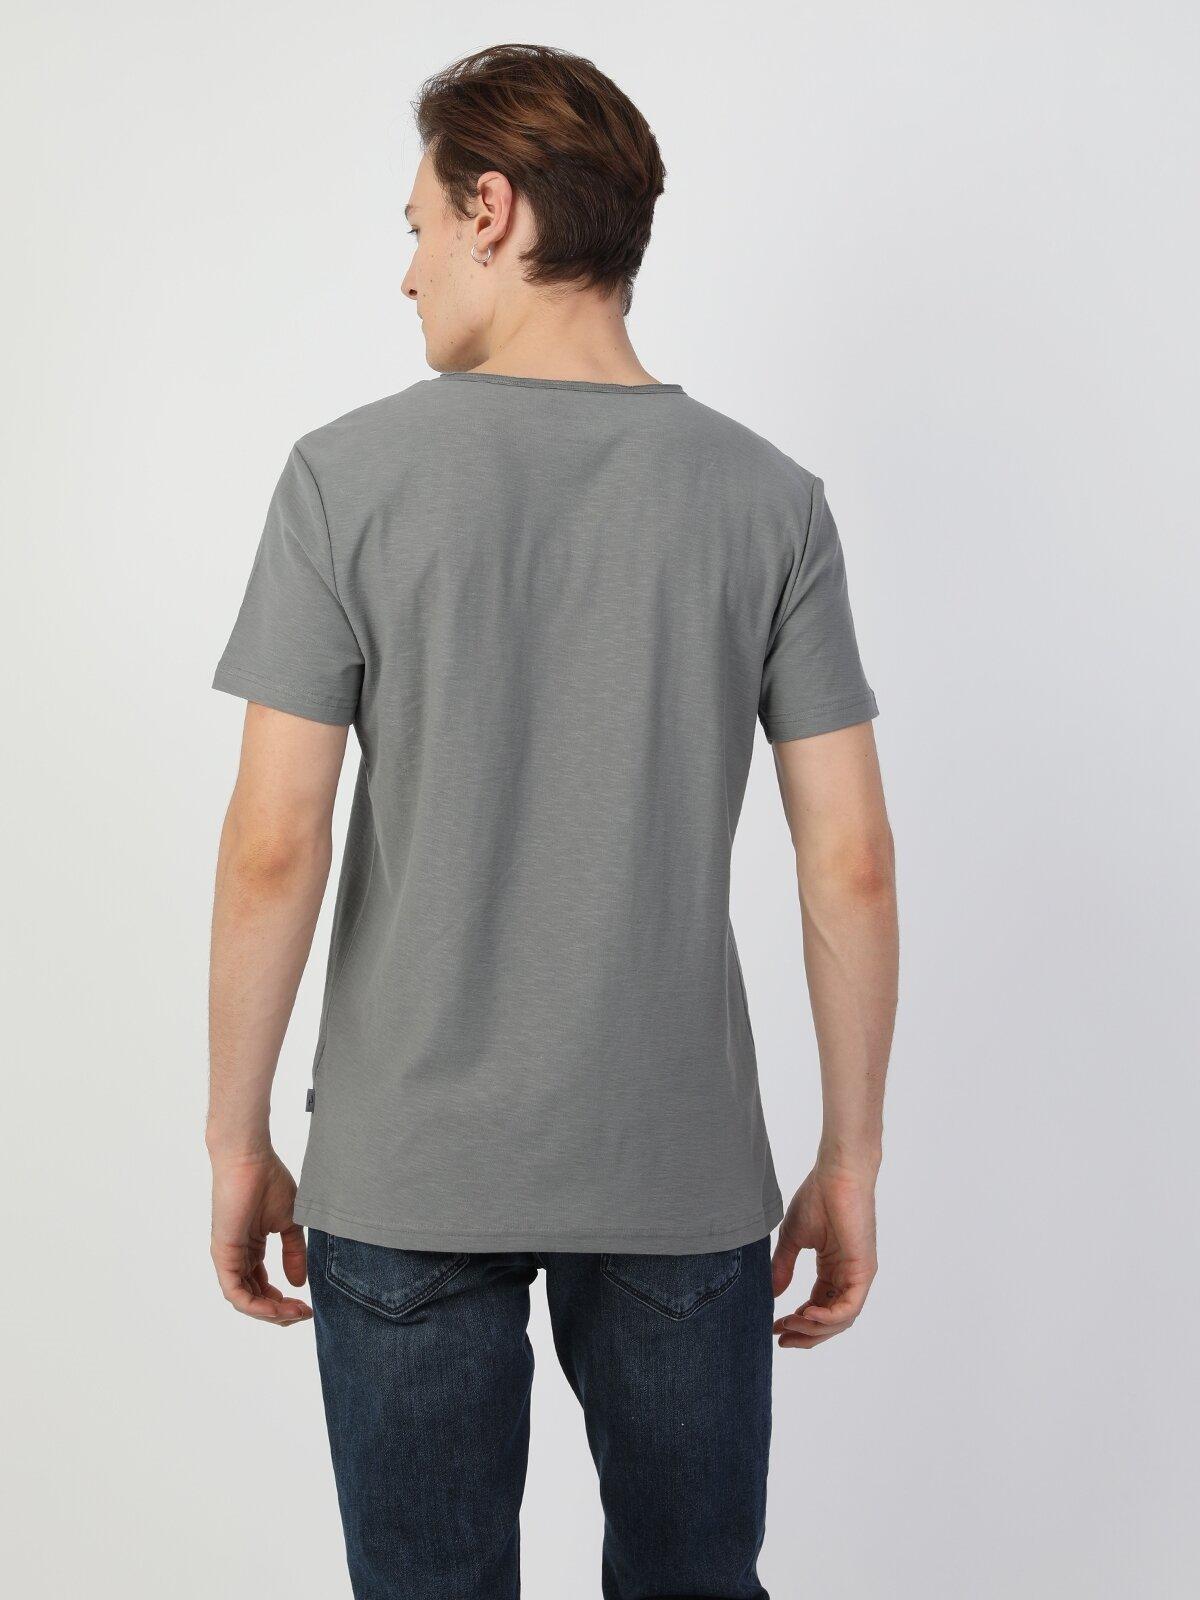 Açık Haki Yuvarlak Yaka Kısa Kol Tişört